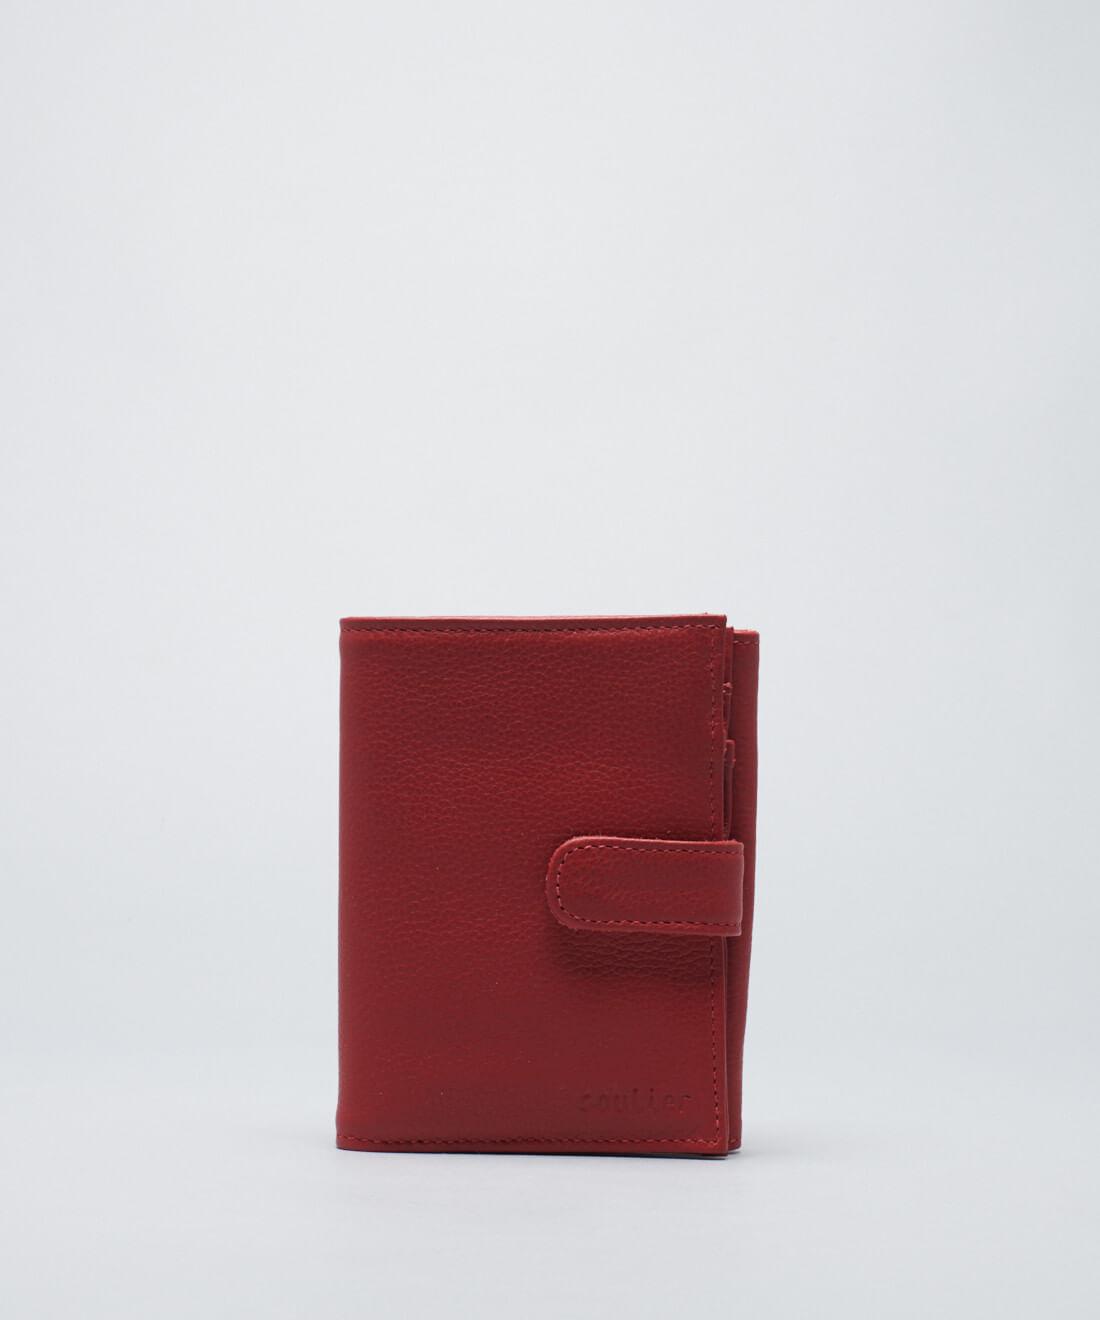 Carteira Grande Lingueta - Vermelho